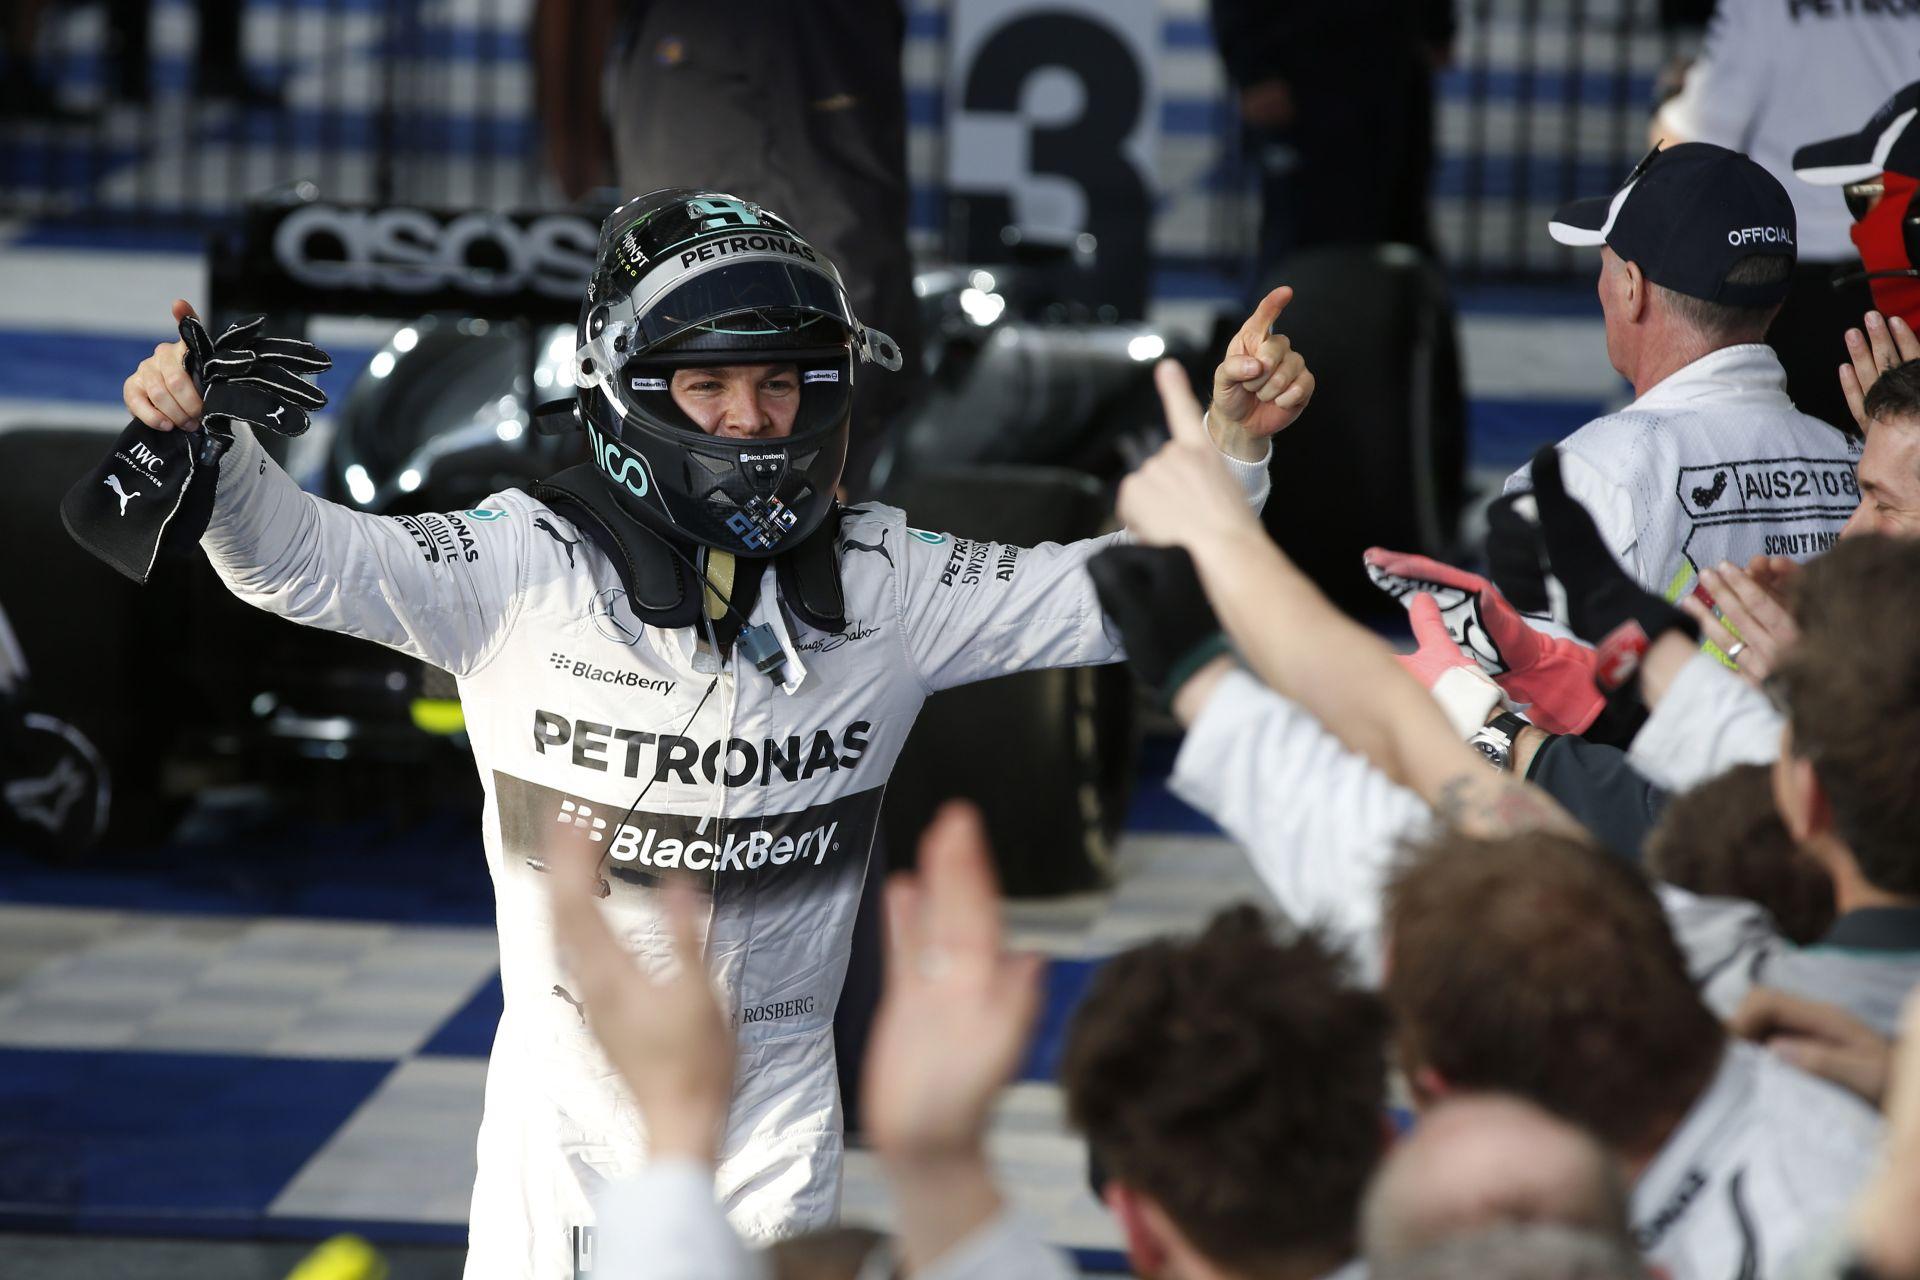 Rosberg folytatná a jó sorozatot a Mercedesszel